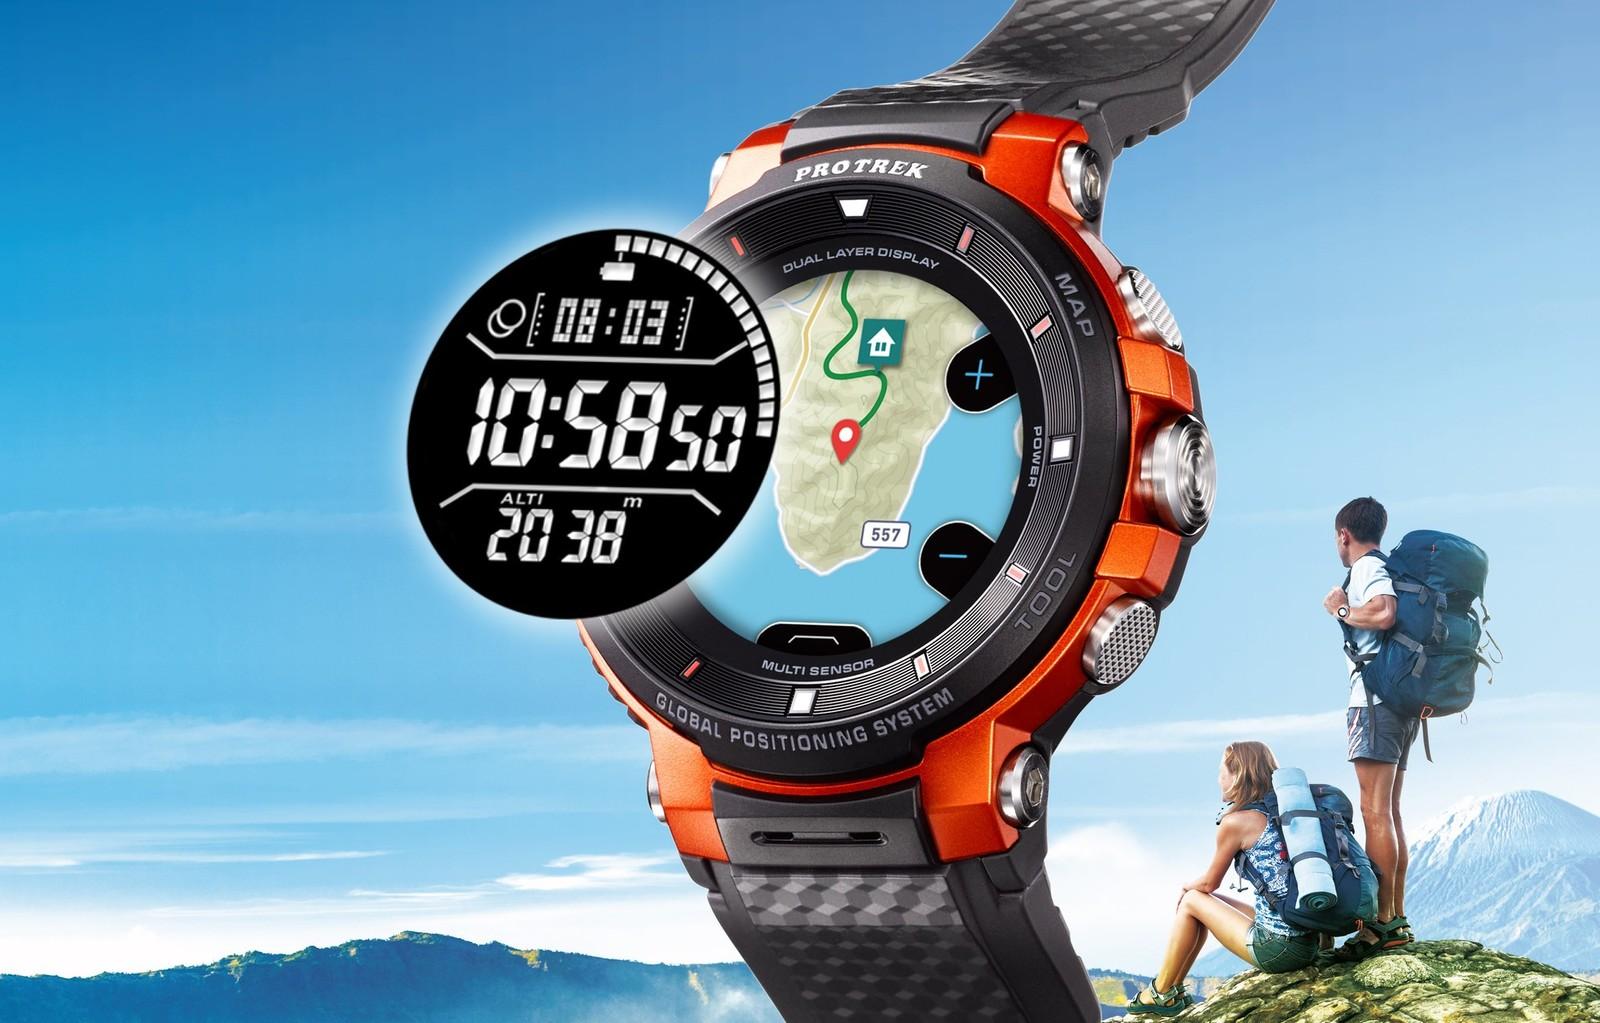 Nuevo smartwatch de WSD-F30 usar OS robusto Casio ha mejorado doble capa pantalla, menor caso. Esto sigue siendo un enorme reloj, pero Casio ha hecho cambios importantes.